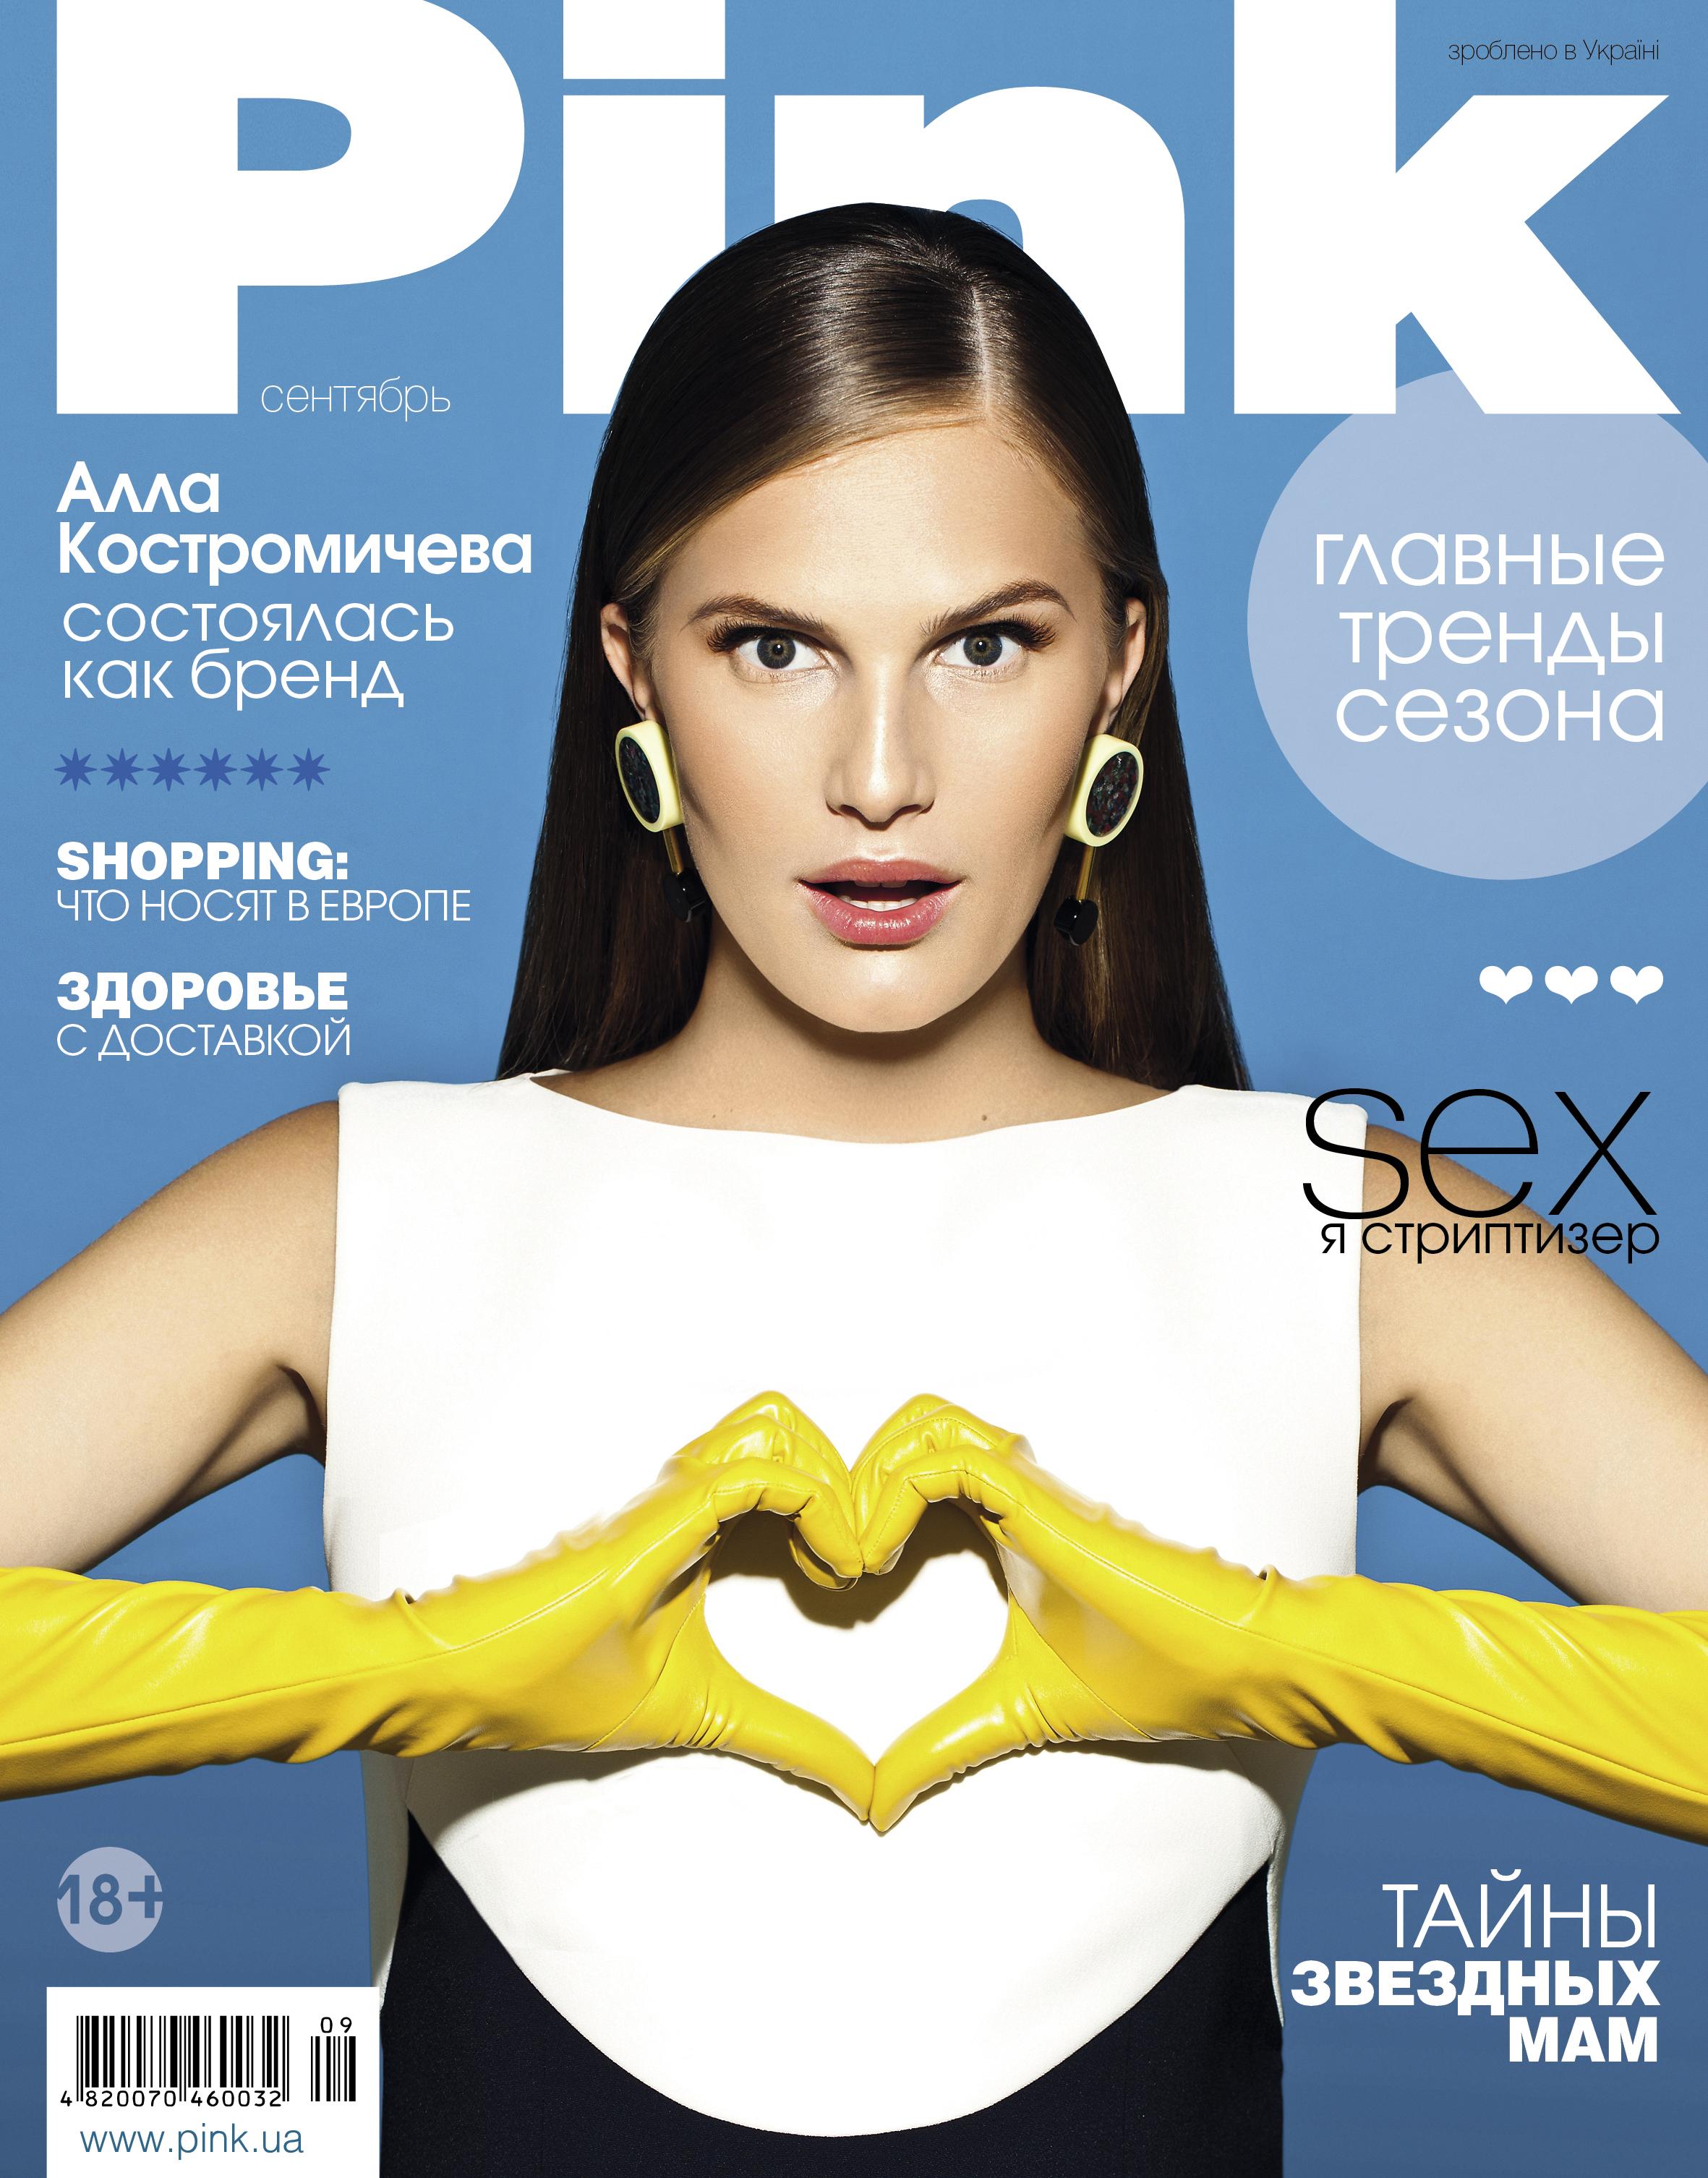 Модель Алла Костромичева для Pink